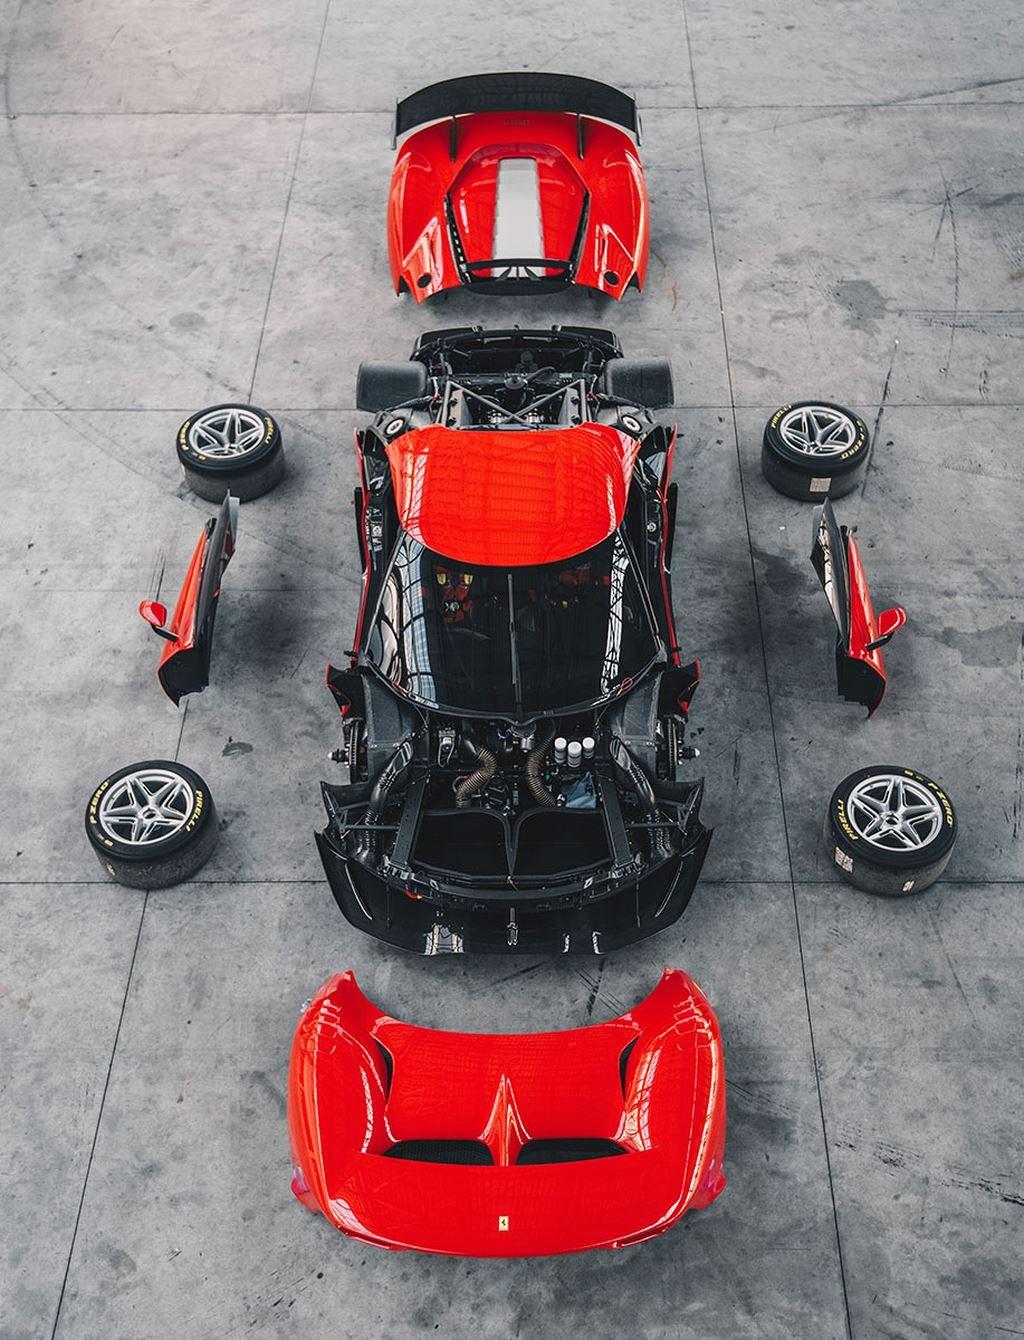 Các bộ phận cấu tạo nên siêu xe đua hàng độc Ferrari P80/C